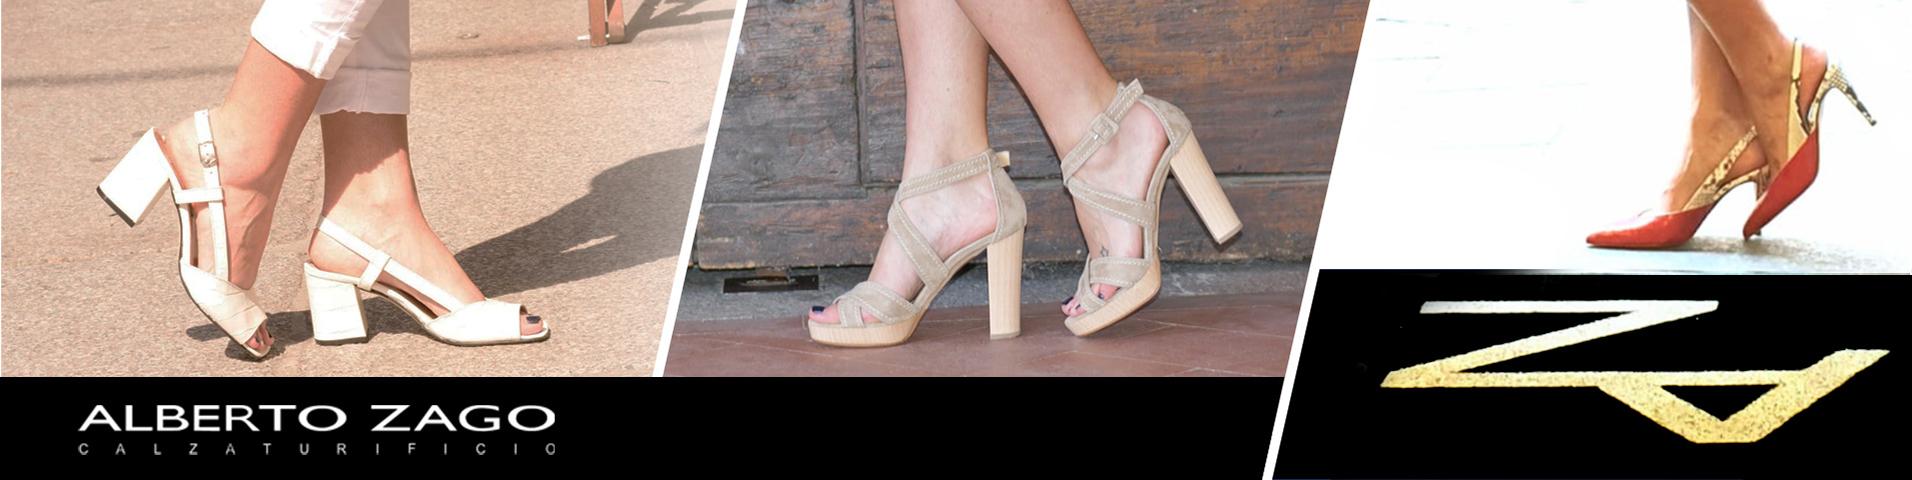 alberto zago schuhe, Damen Schuhe High Heels Alberto Zago